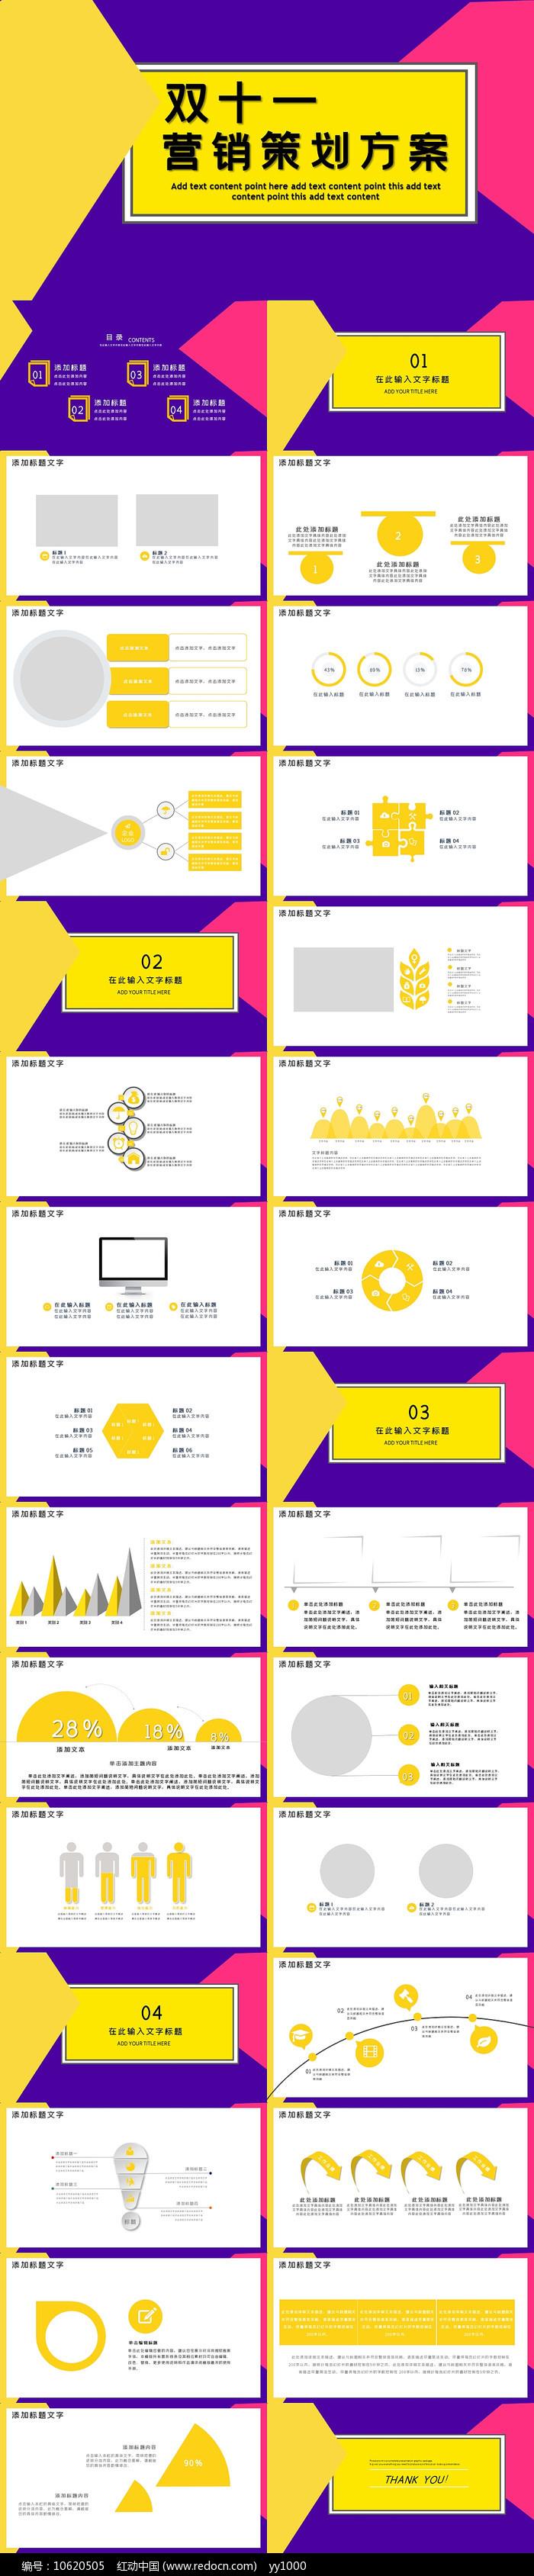 双十一购物营销策划PPT模板图片